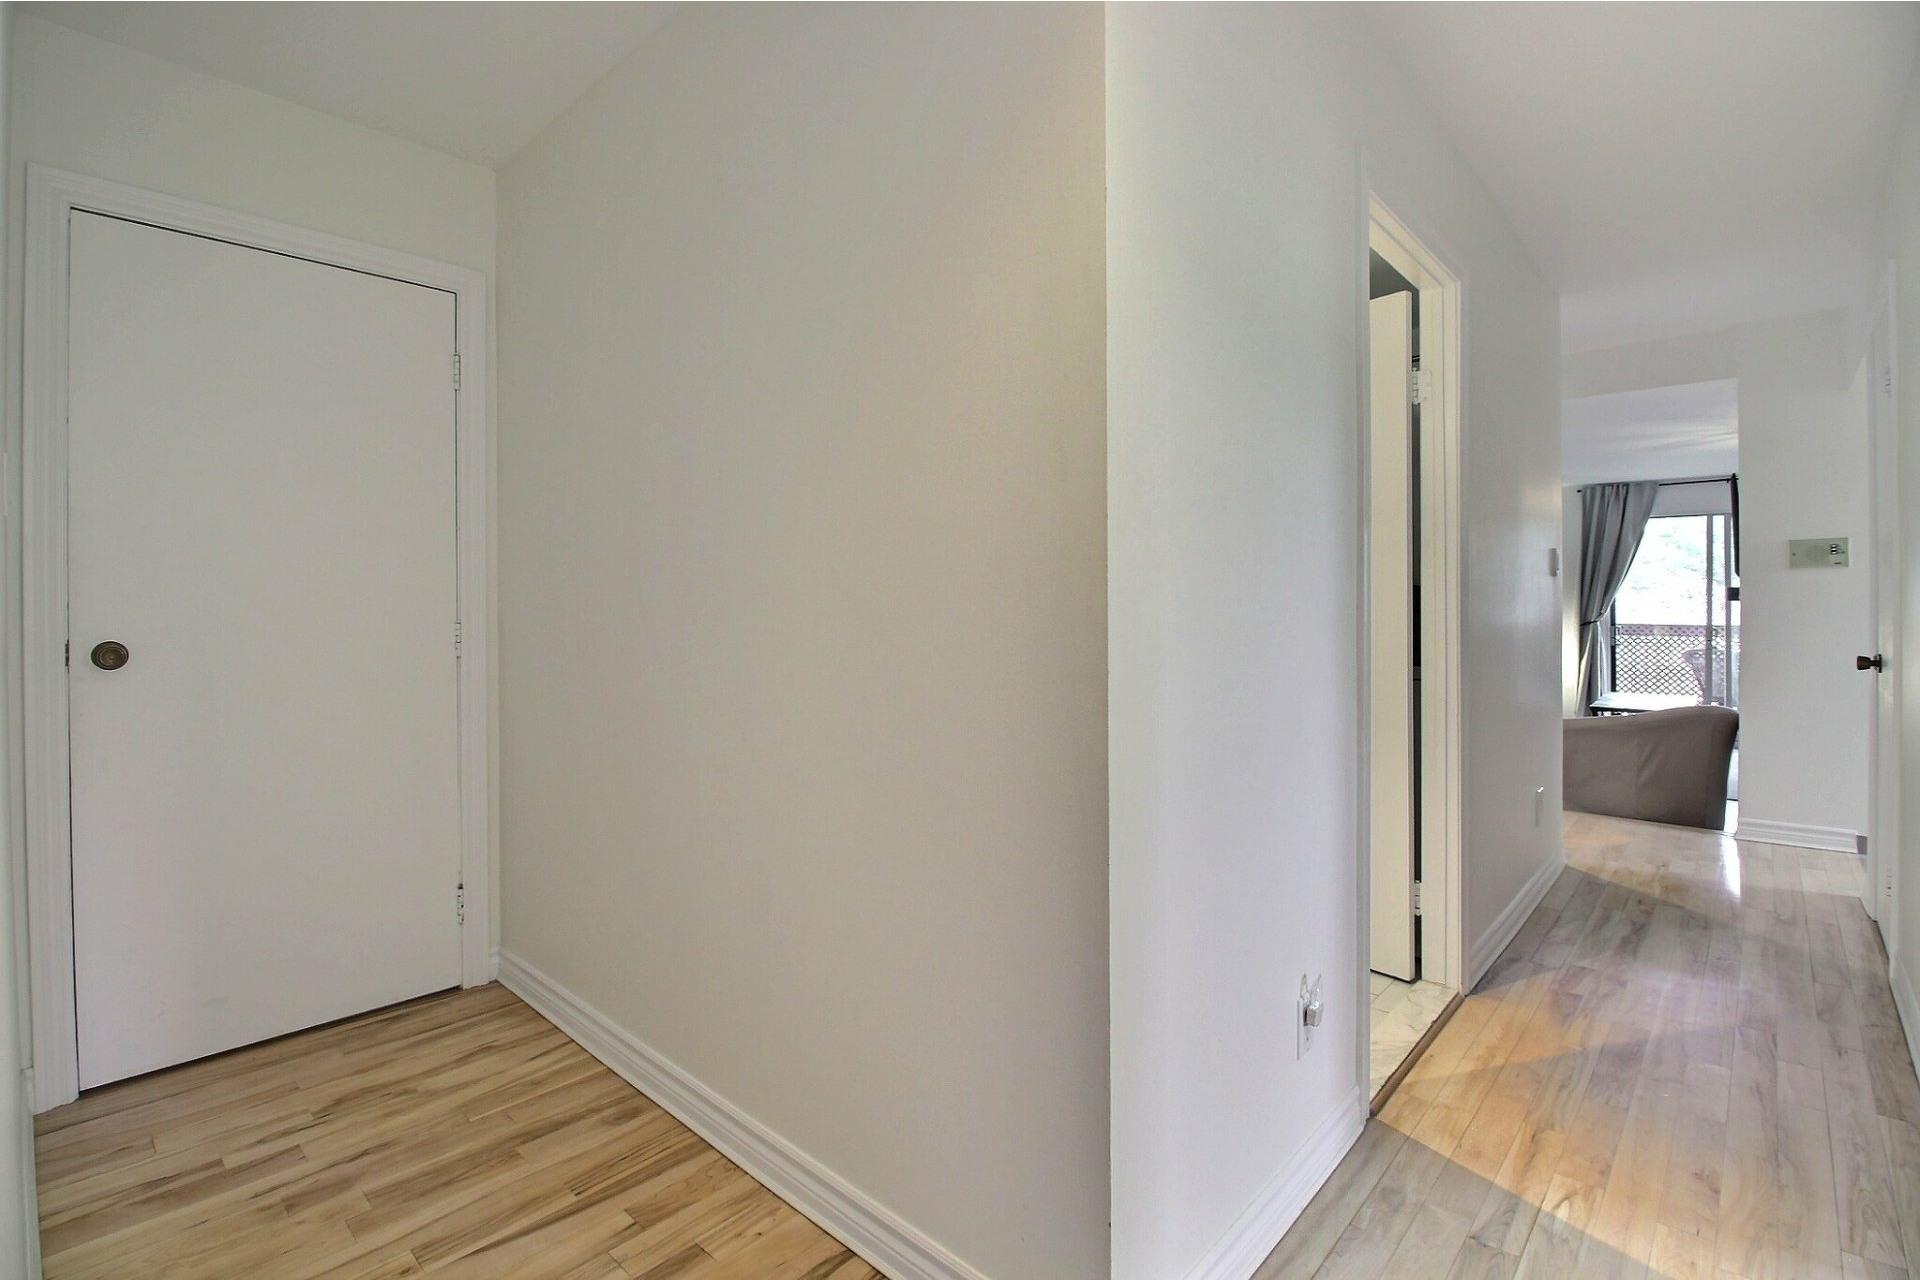 image 16 - Appartement À vendre Rivière-des-Prairies/Pointe-aux-Trembles Montréal  - 5 pièces